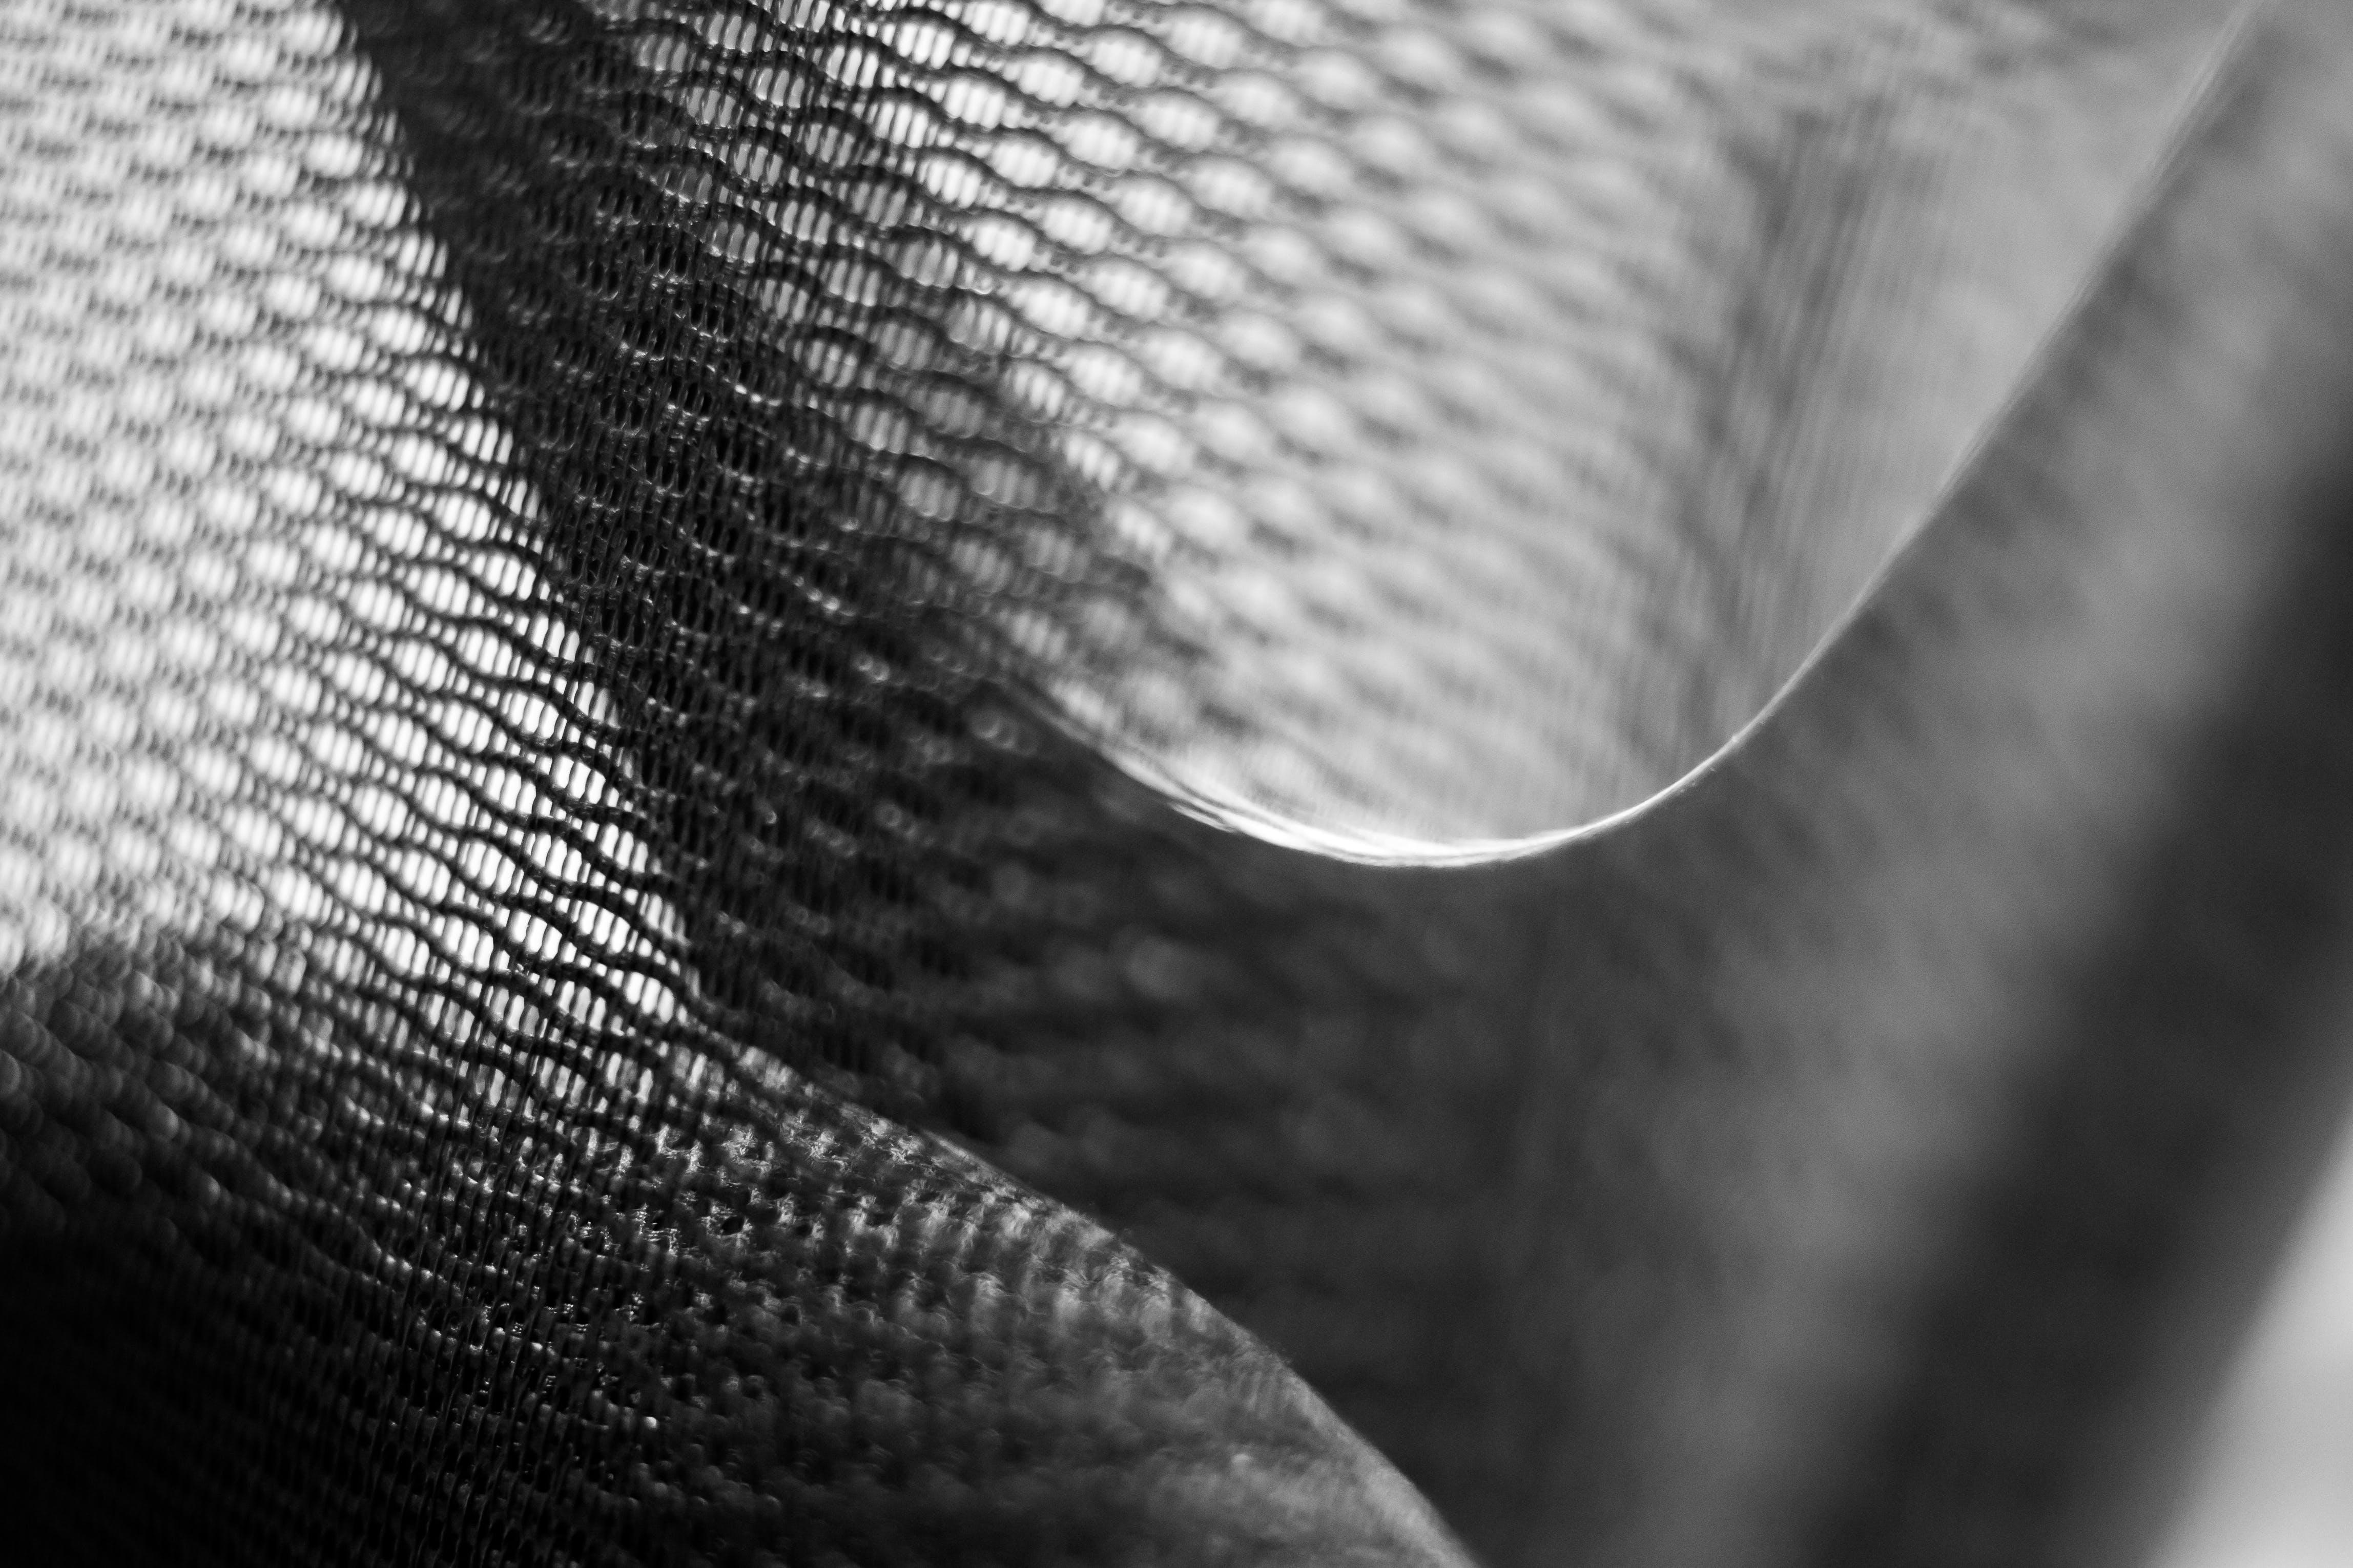 Immagine gratuita di bianco e nero, modello, netto, primo piano